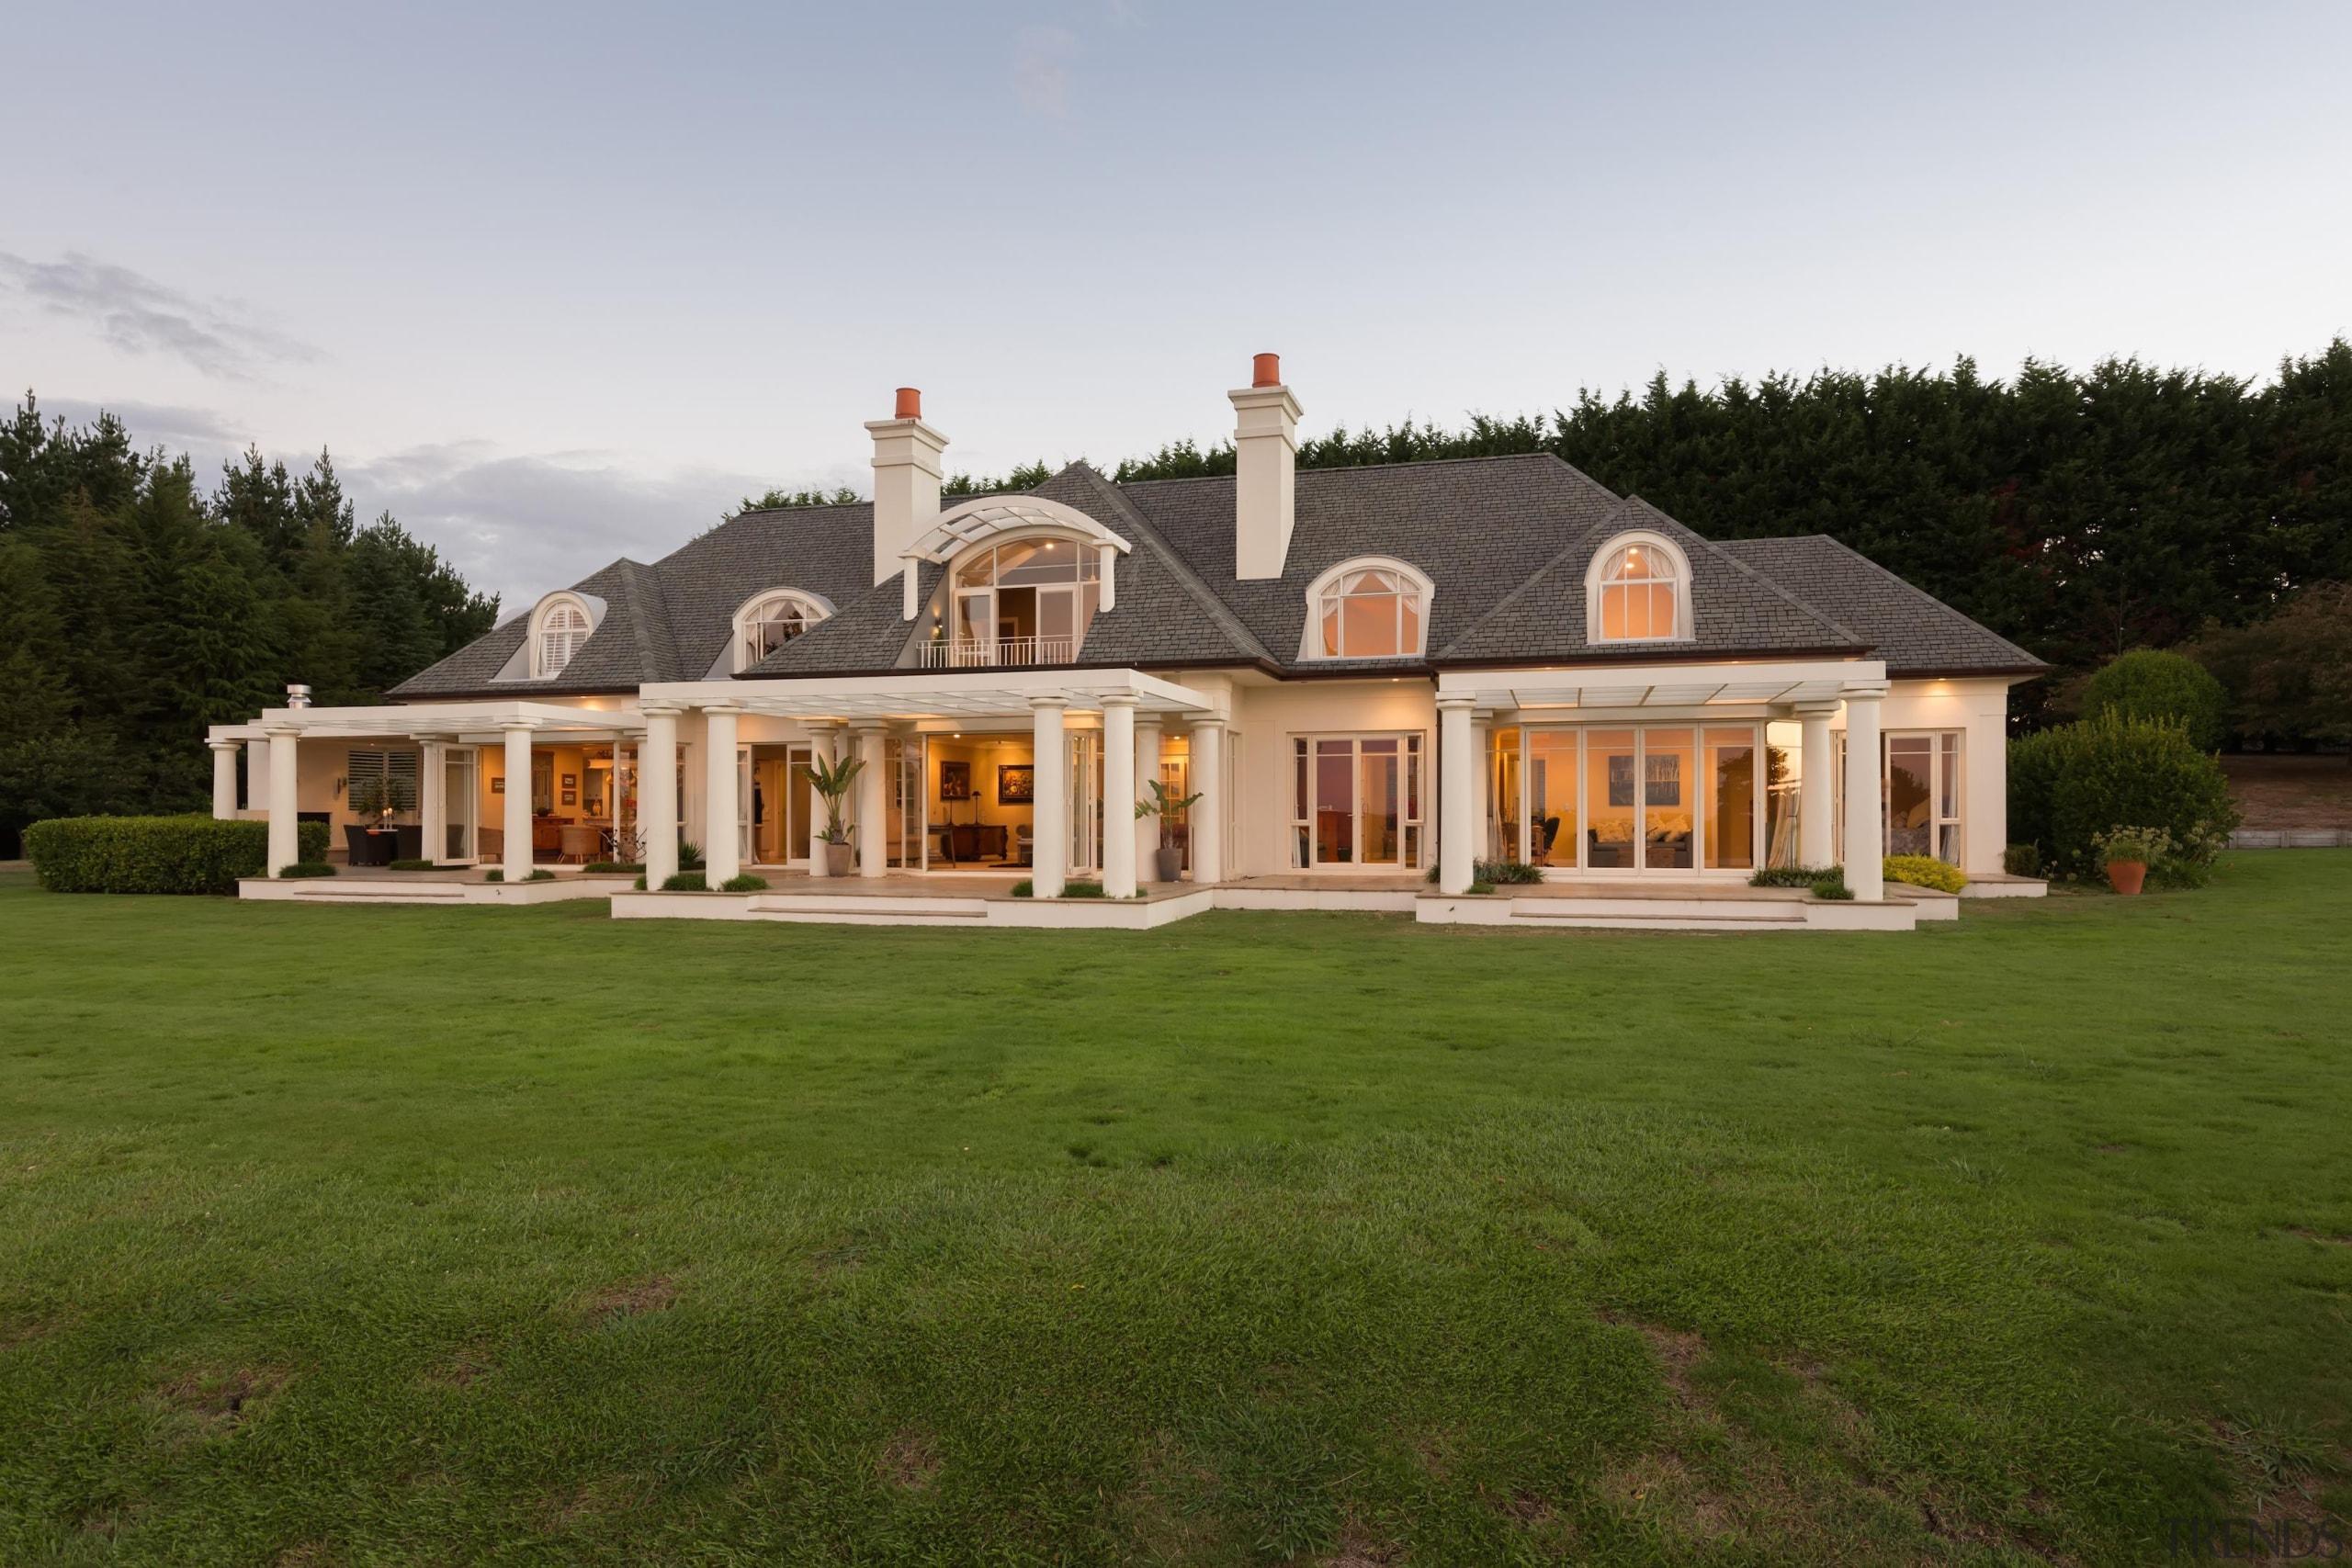 Whitford 9 - cottage   elevation   estate cottage, elevation, estate, facade, farmhouse, home, house, mansion, property, real estate, villa, brown, white